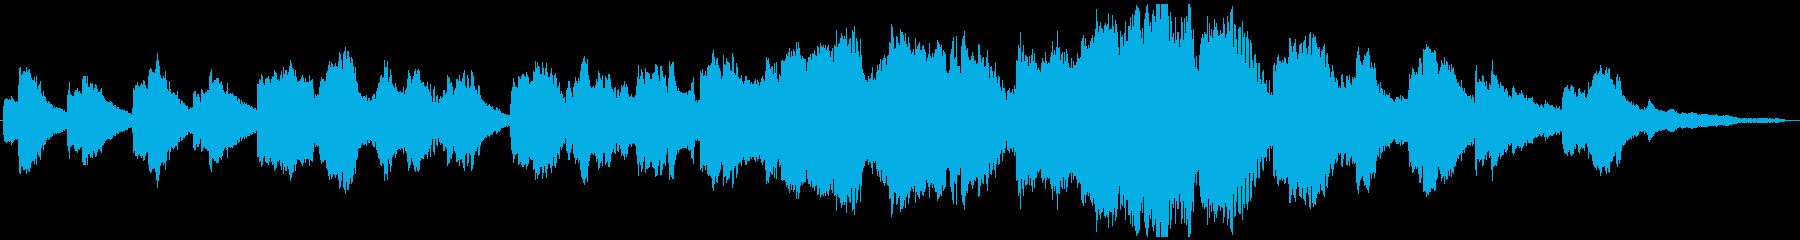 生演奏フルートがしっとり静かに歌うBGMの再生済みの波形